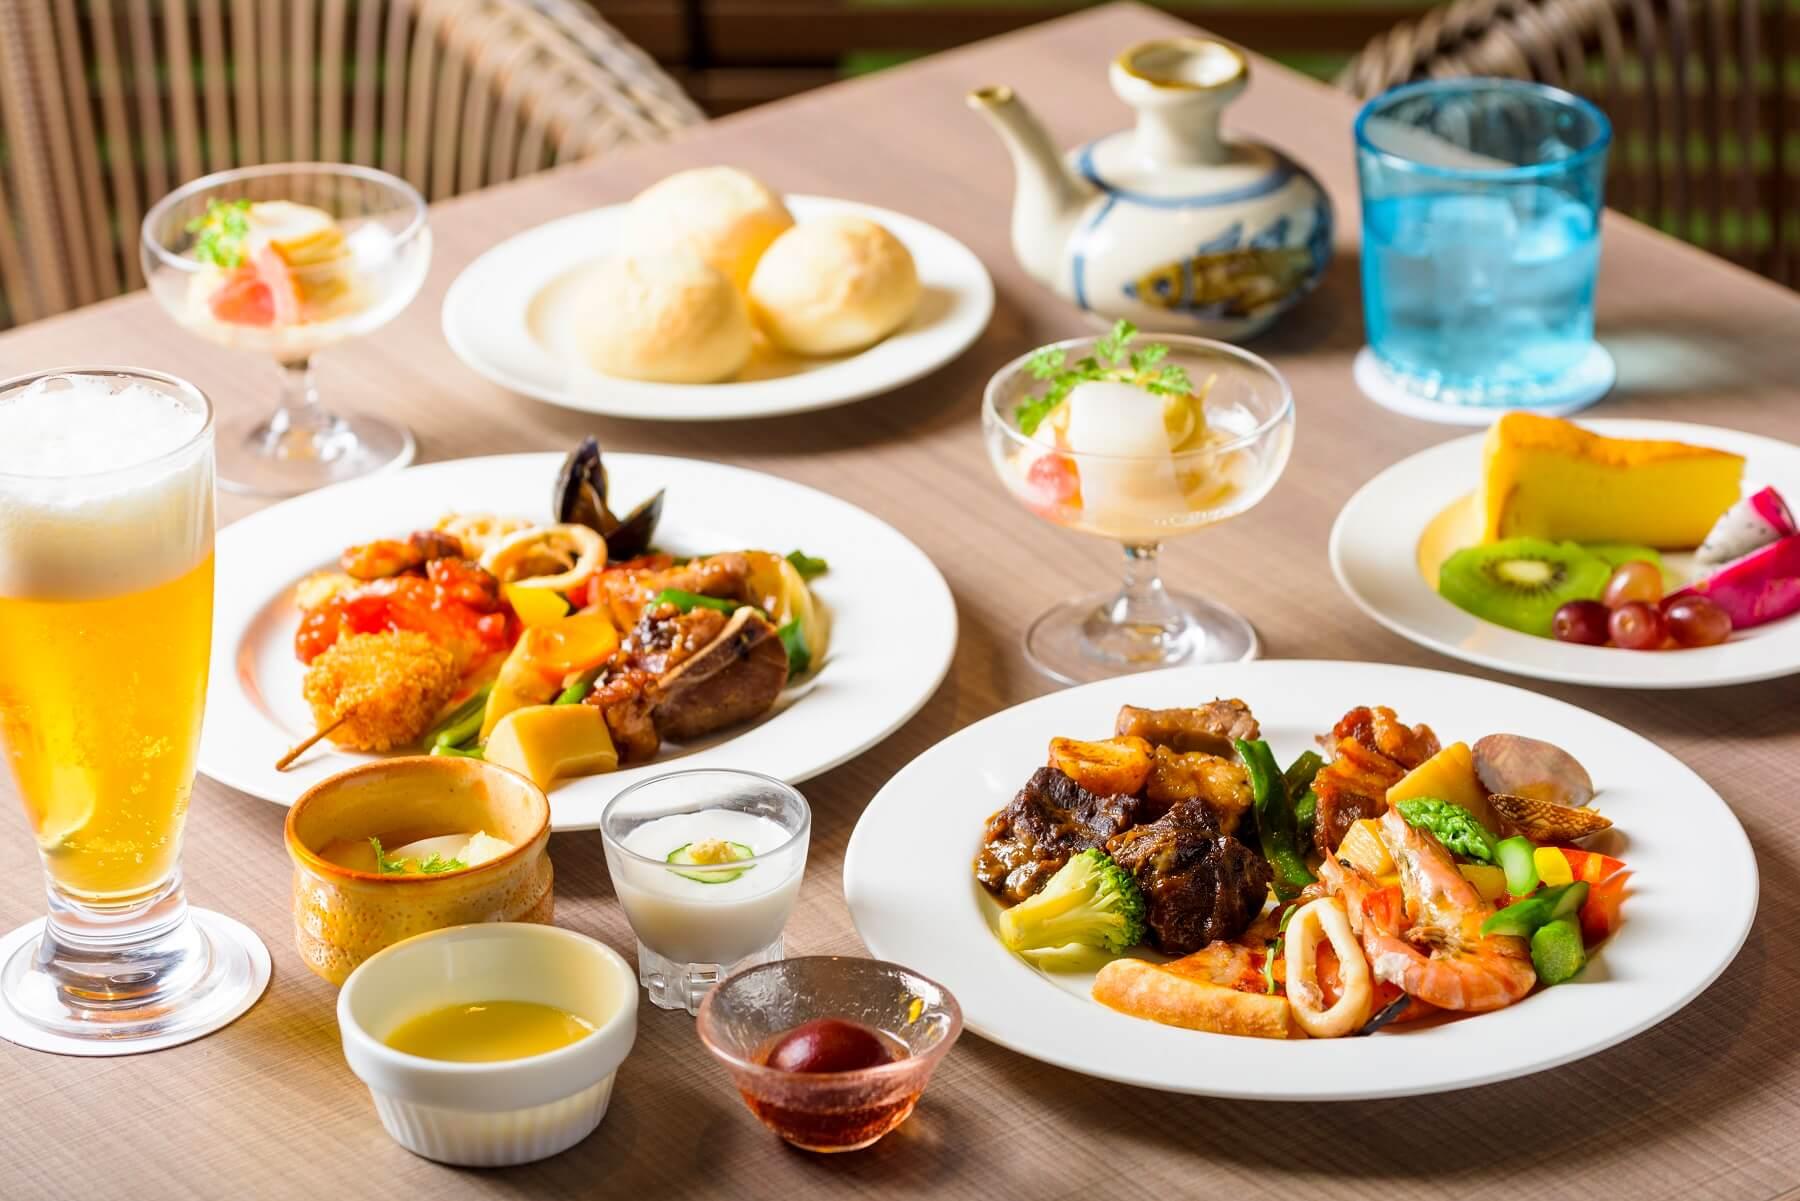 ディナーブッフェ 〜Dinner Buffet〜